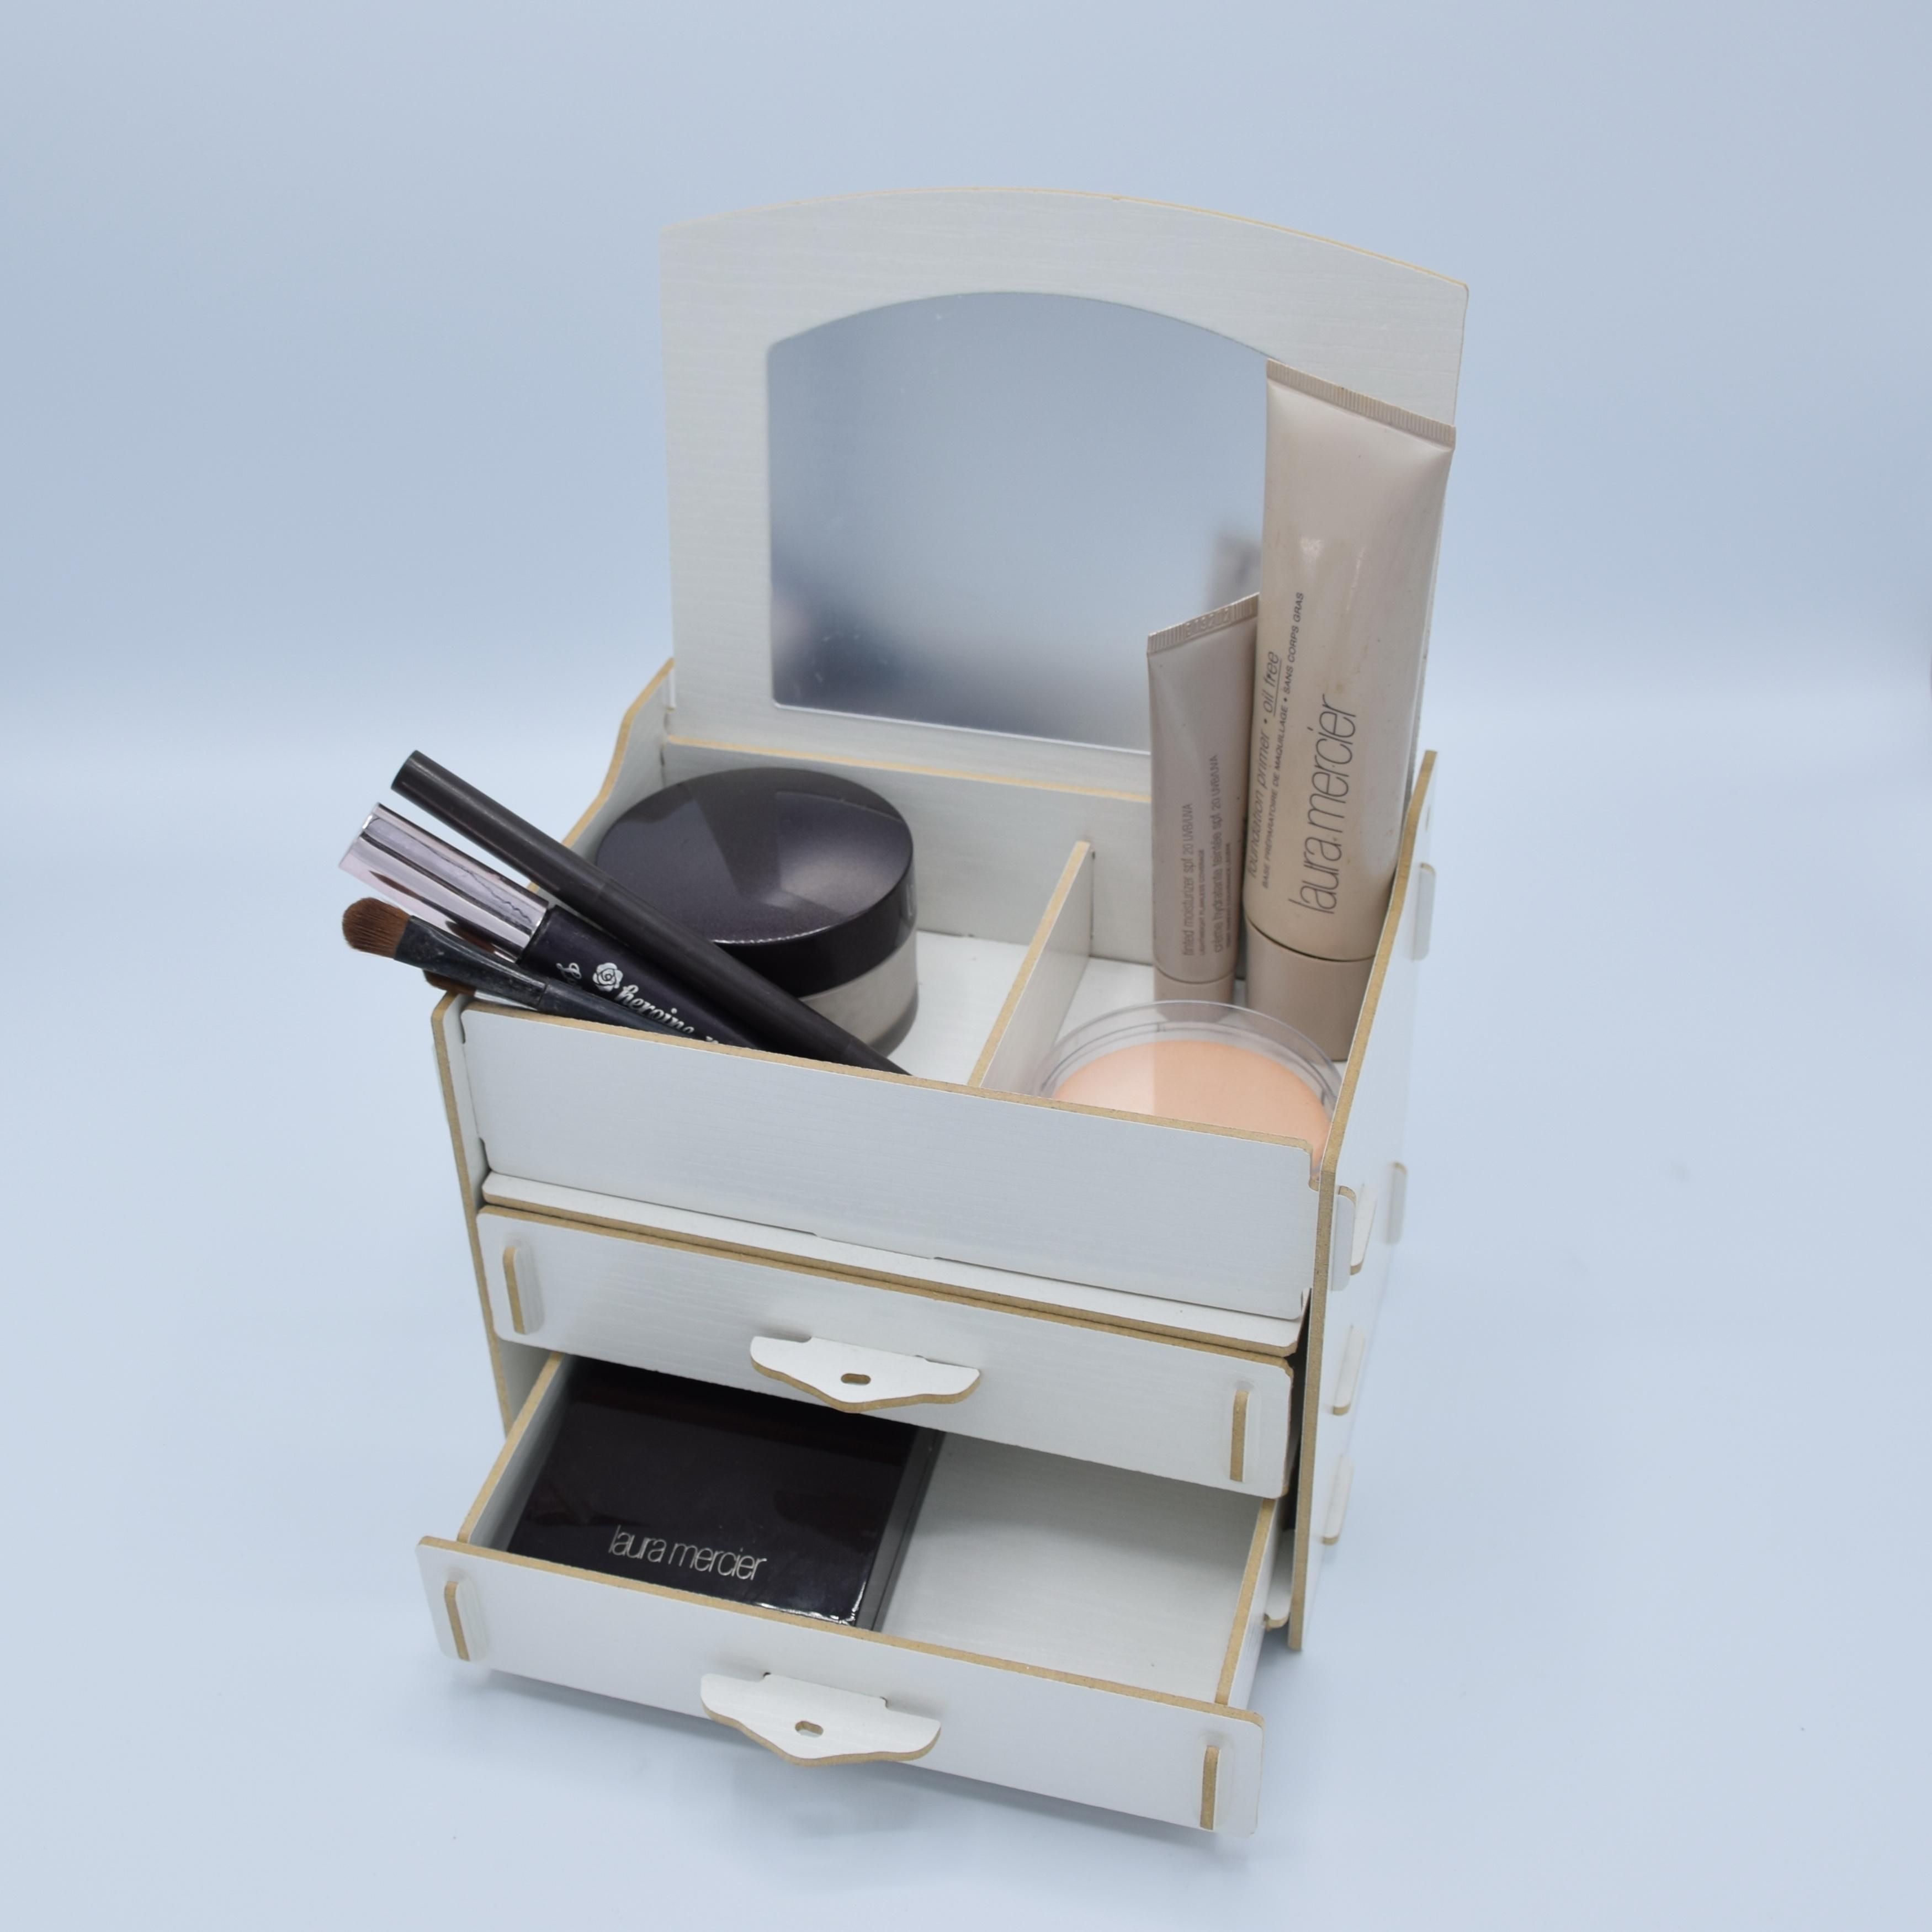 กล่องอเนกประสงค์พร้อมกระจก (9-0040)